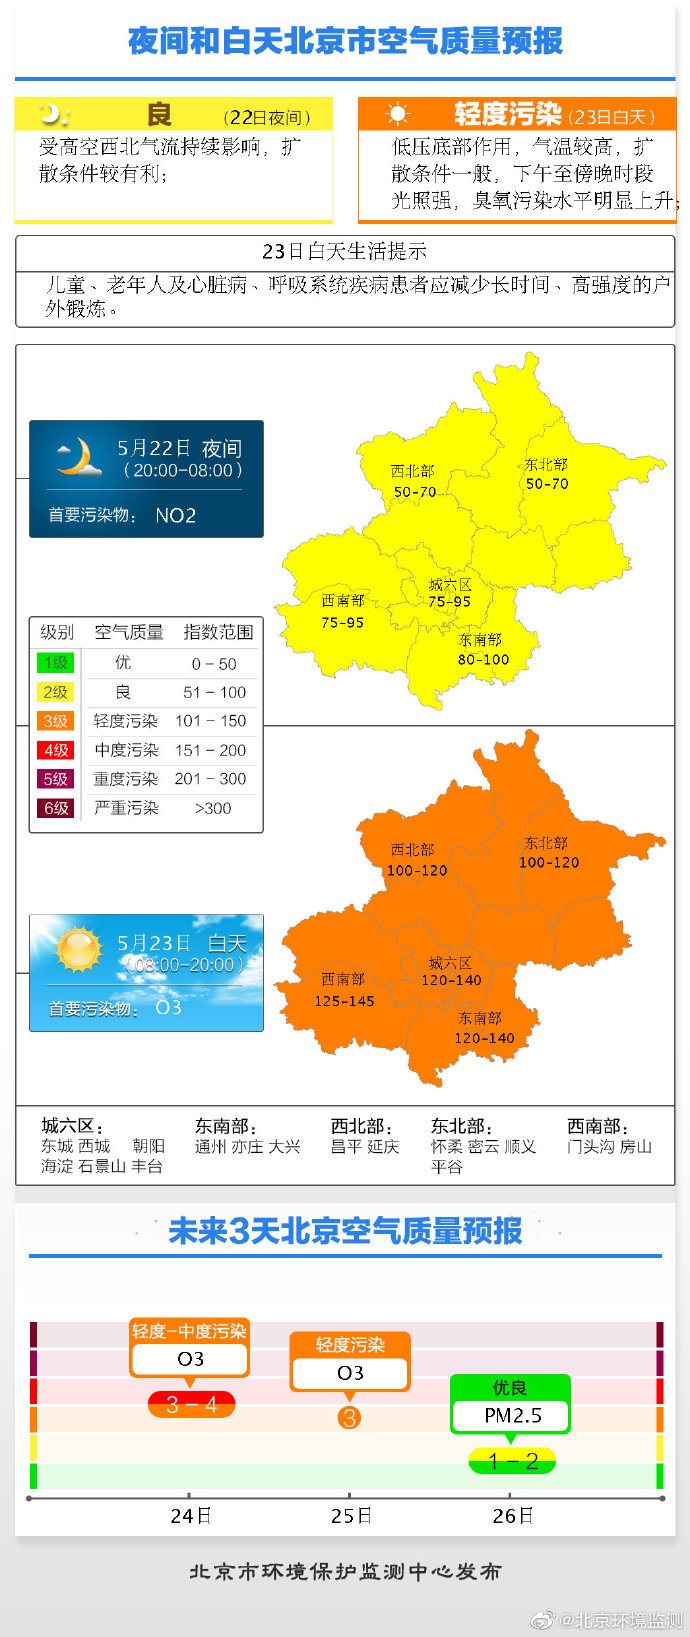 北京22日夜间空气质量为良 23日空气轻度污染